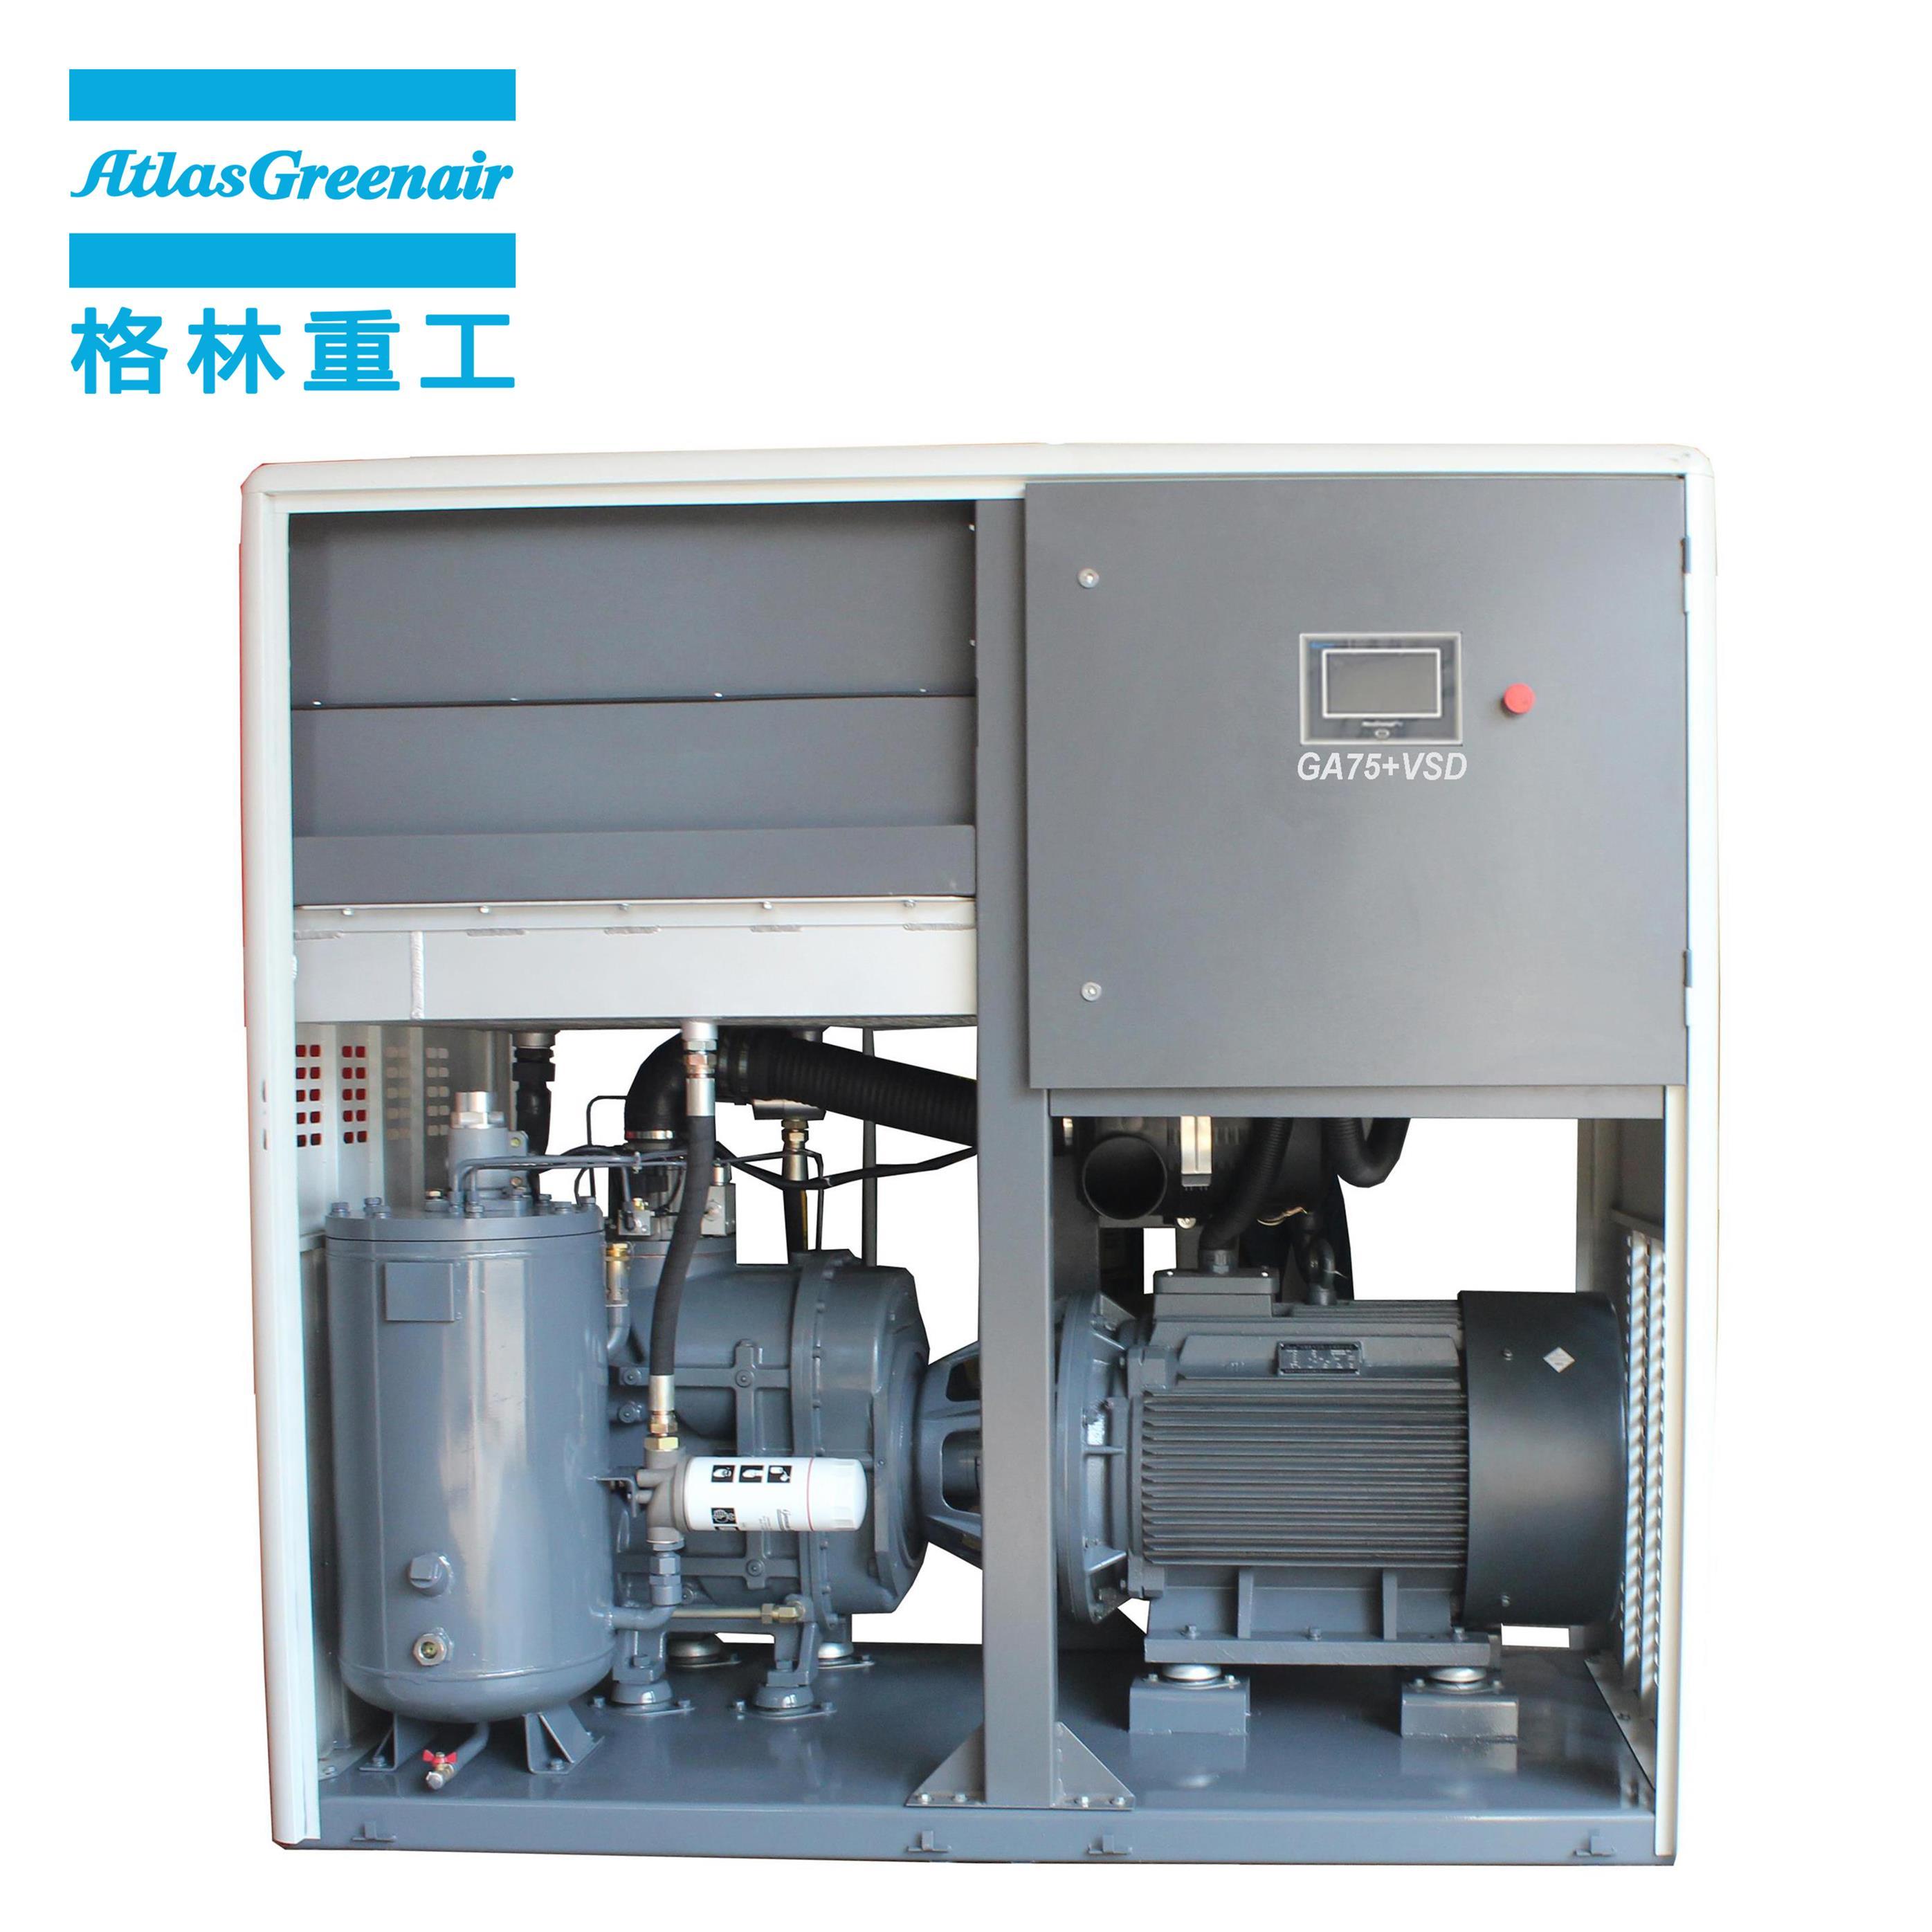 Atlas Greenair Screw Air Compressor new vsd compressor atlas copco with a single air compressor for tropical area-2